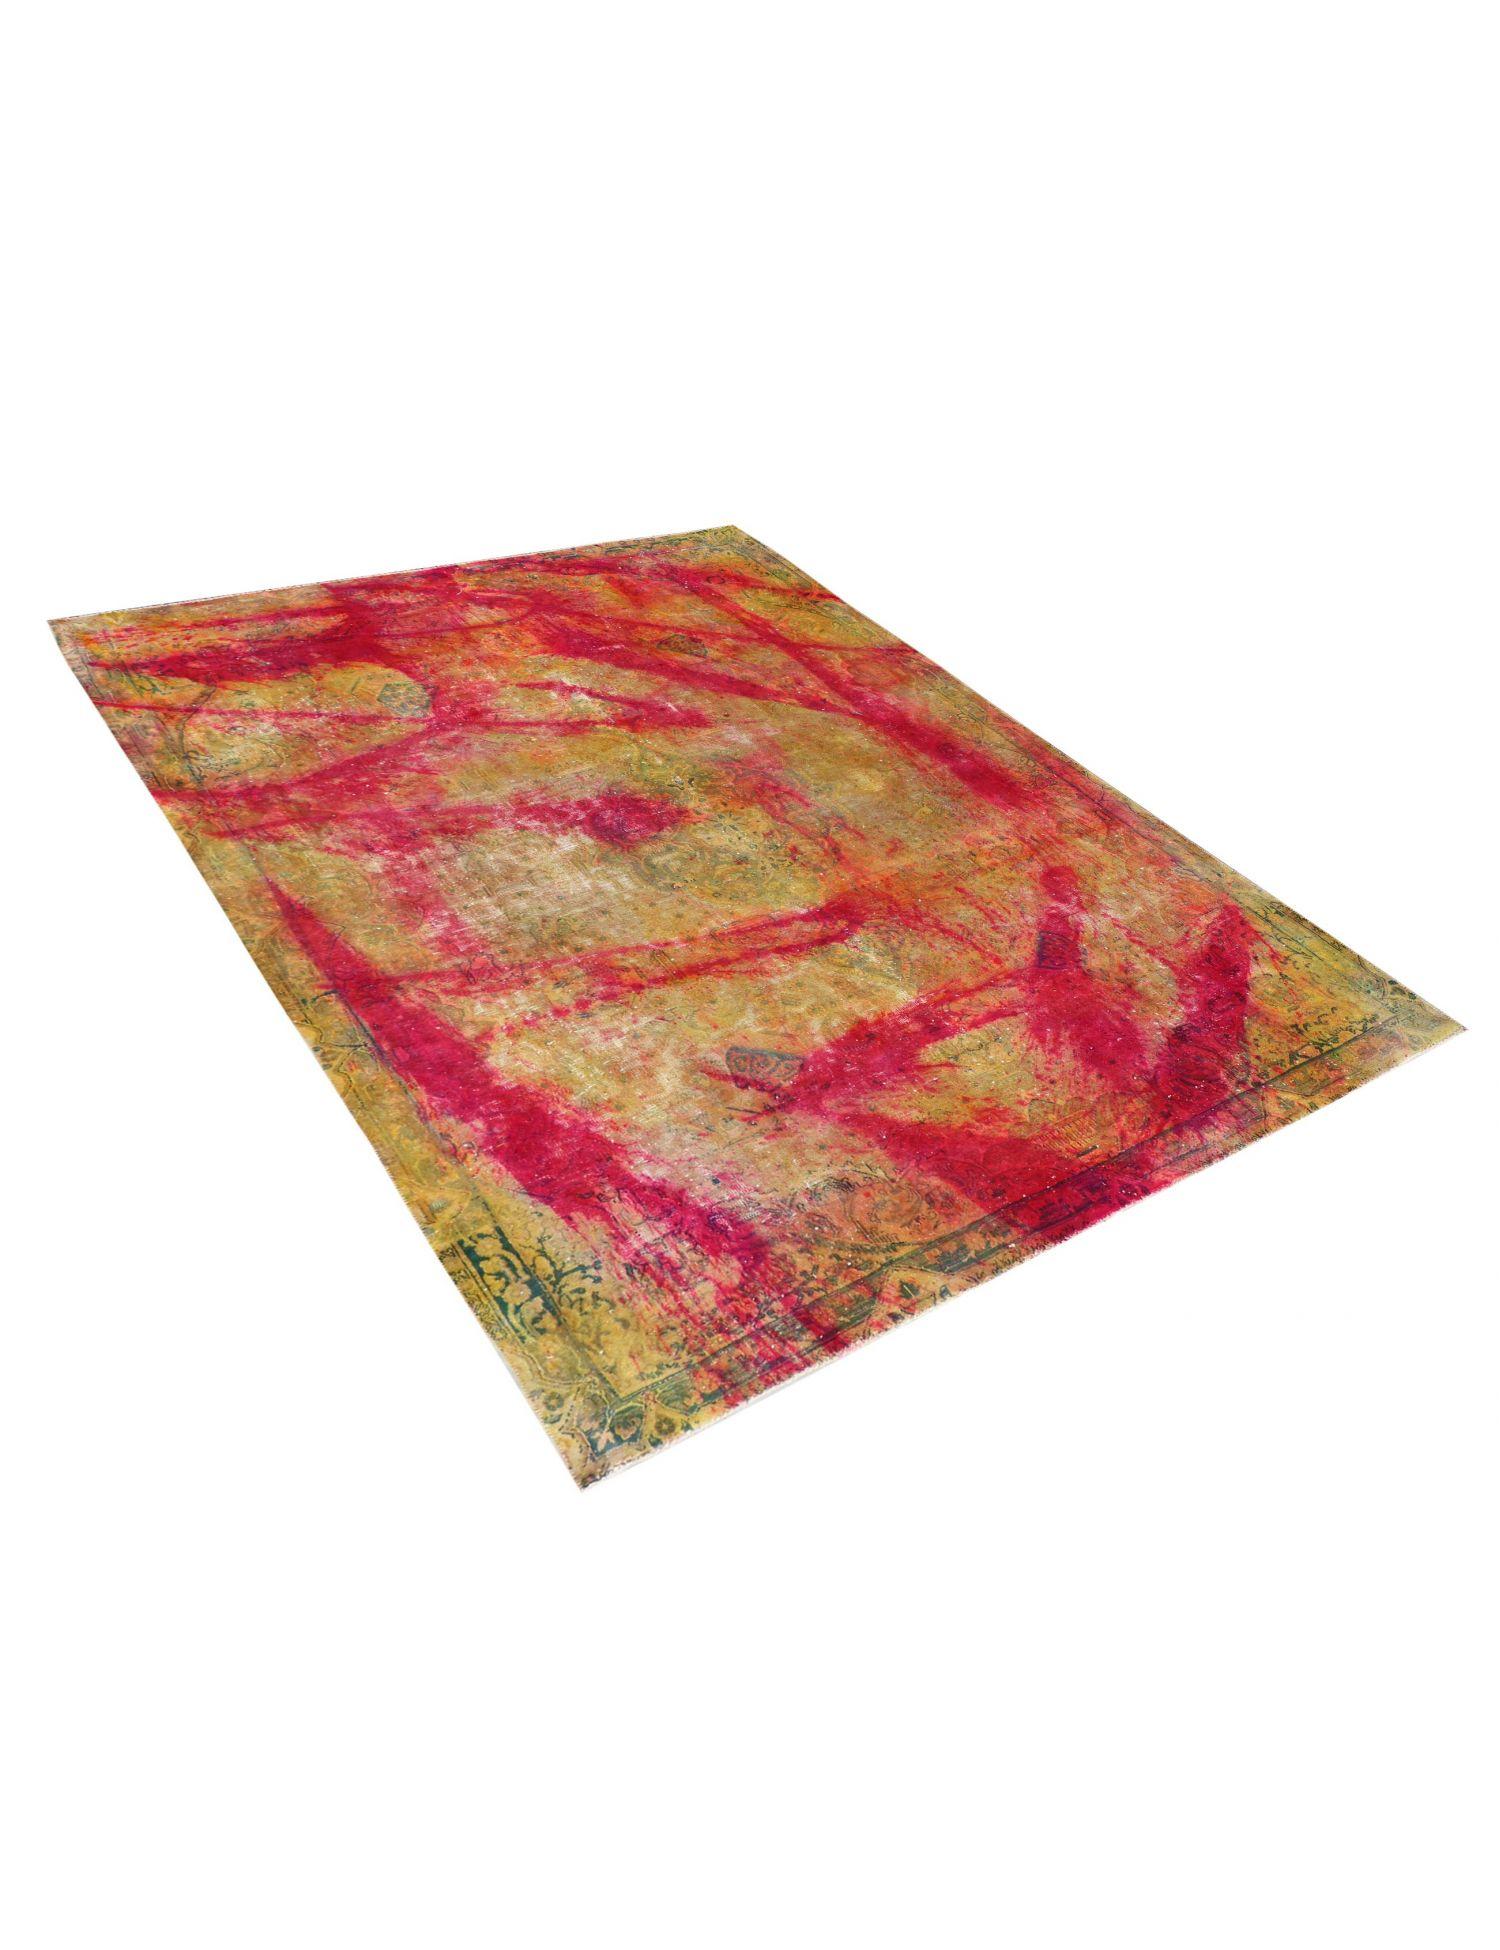 Persischer Vintage Teppich  mehrfarbig <br/>310 x 240 cm